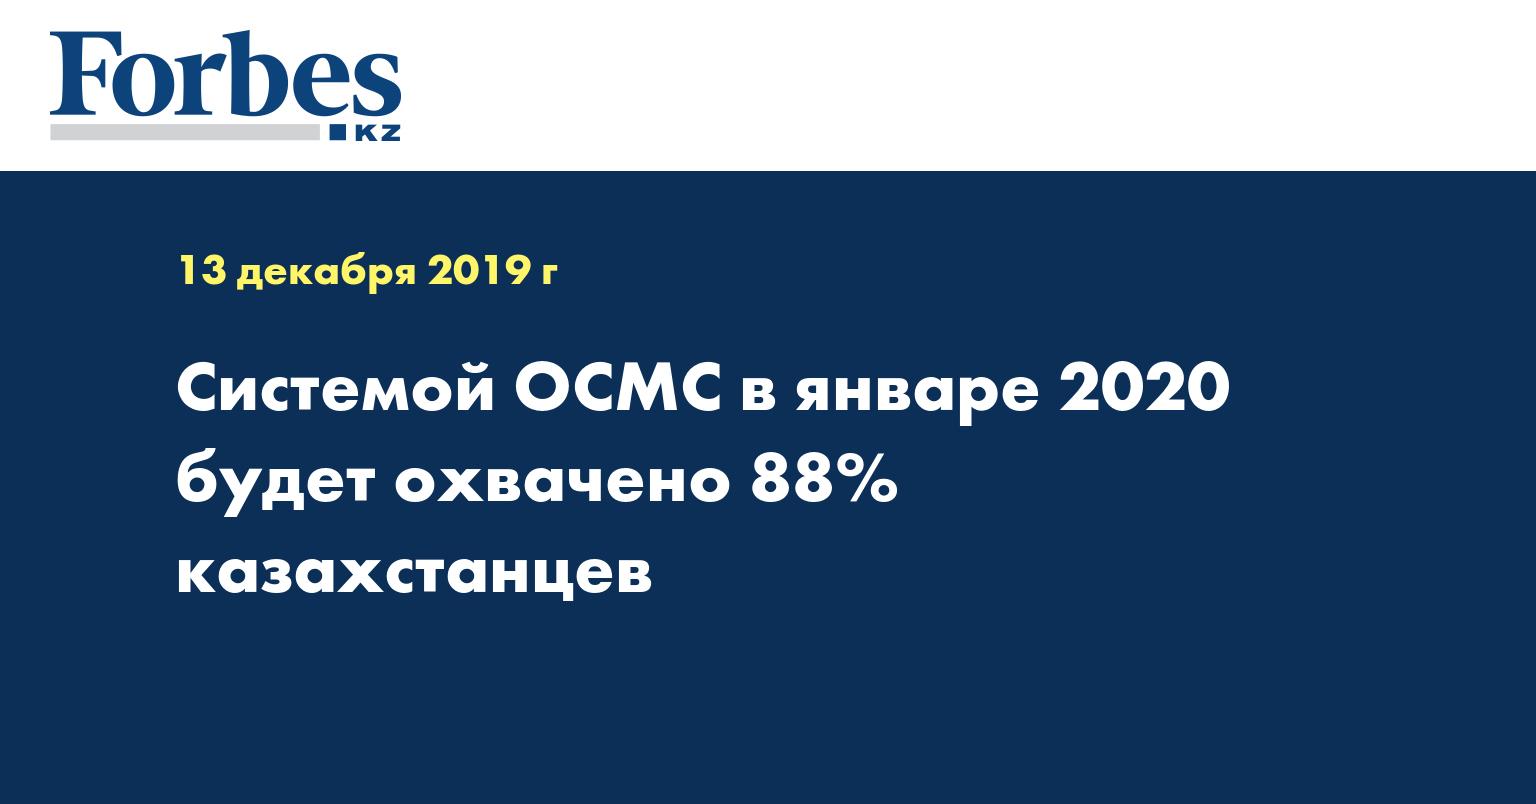 Системой ОСМС в январе 2020 будет охвачено 88% казахстанцев